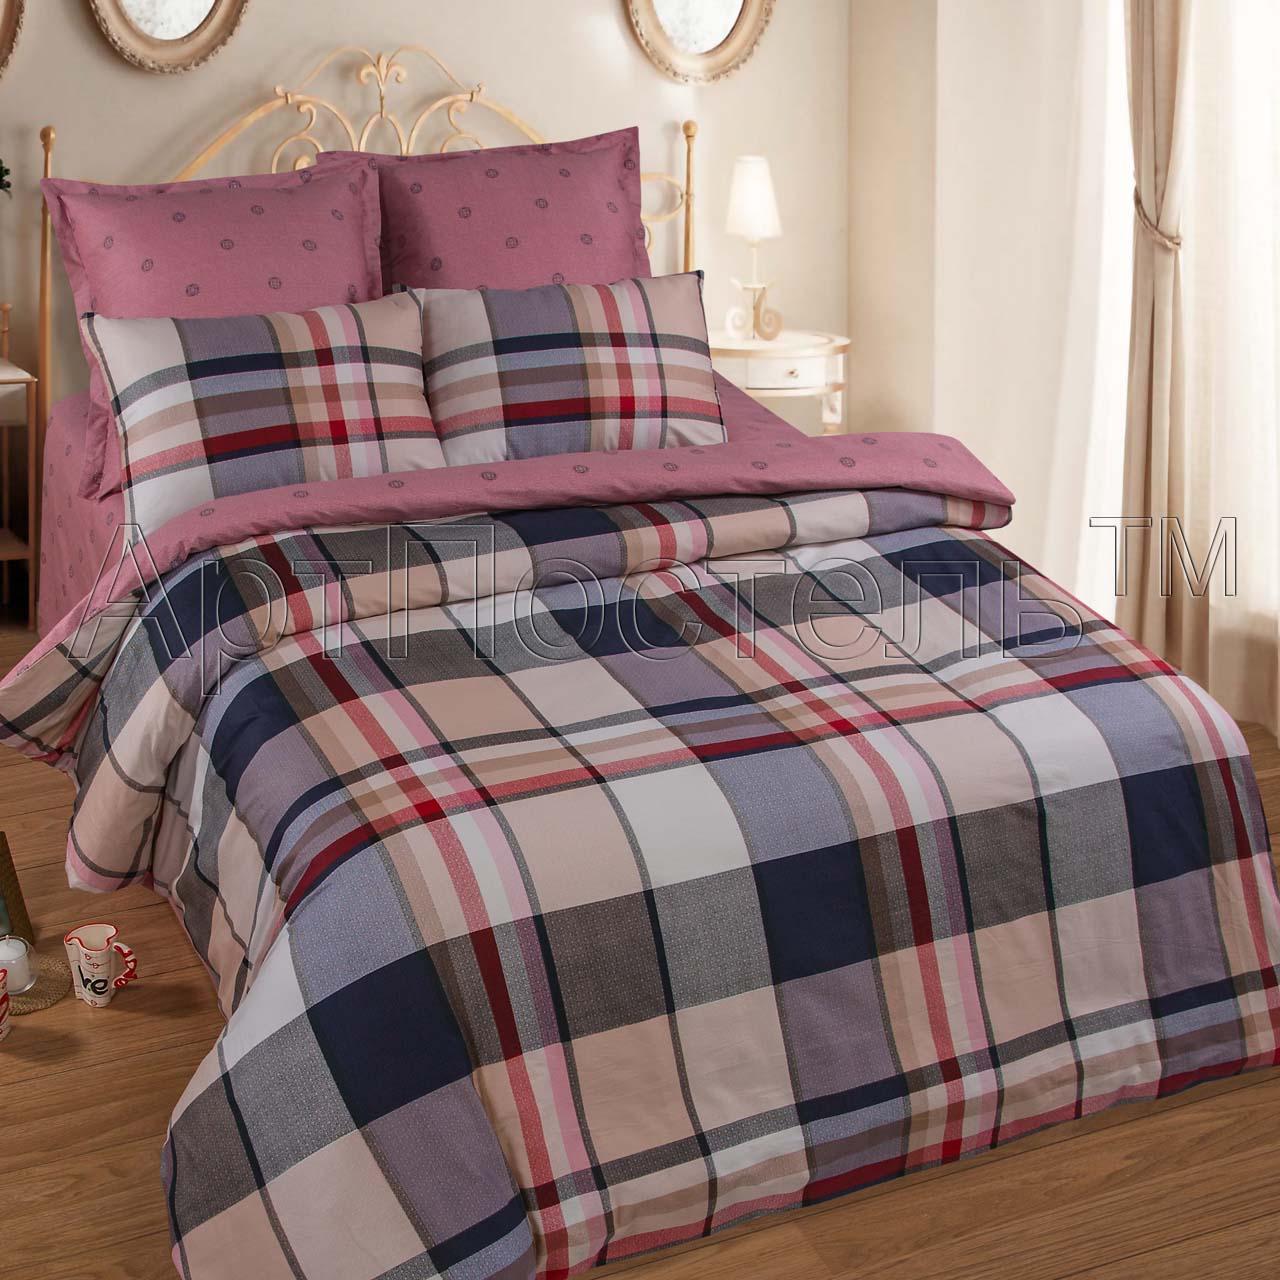 Комплект постельного белья Шри-Ланка из сатинаСатин<br><br><br>Размер: Евростандарт (4 нав):70x70 (2 шт) и 50х70 (2 шт)